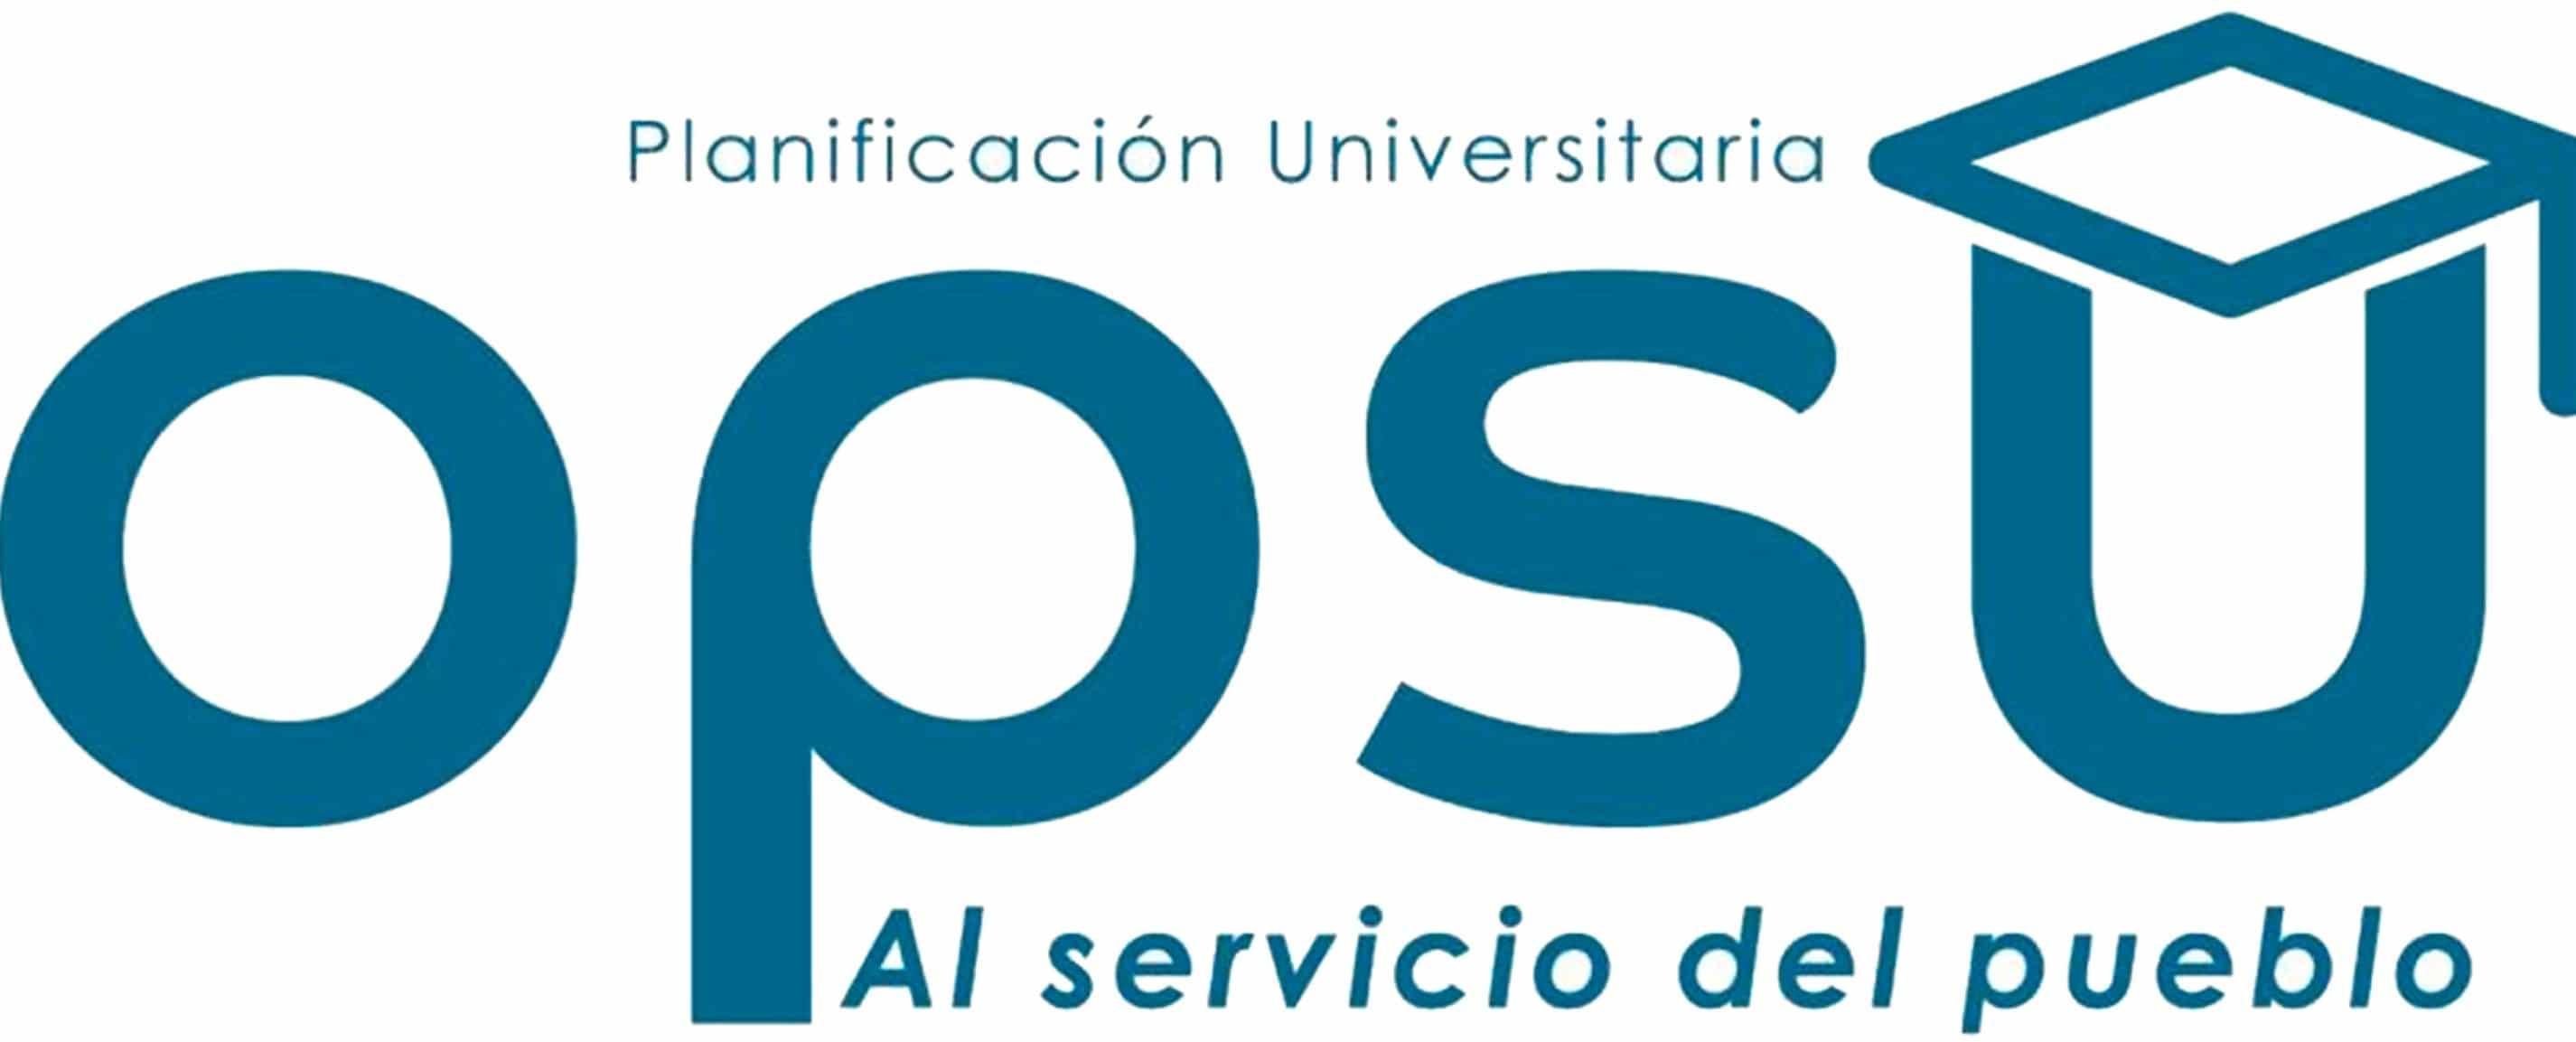 Planilla pra prueba de la OPSU